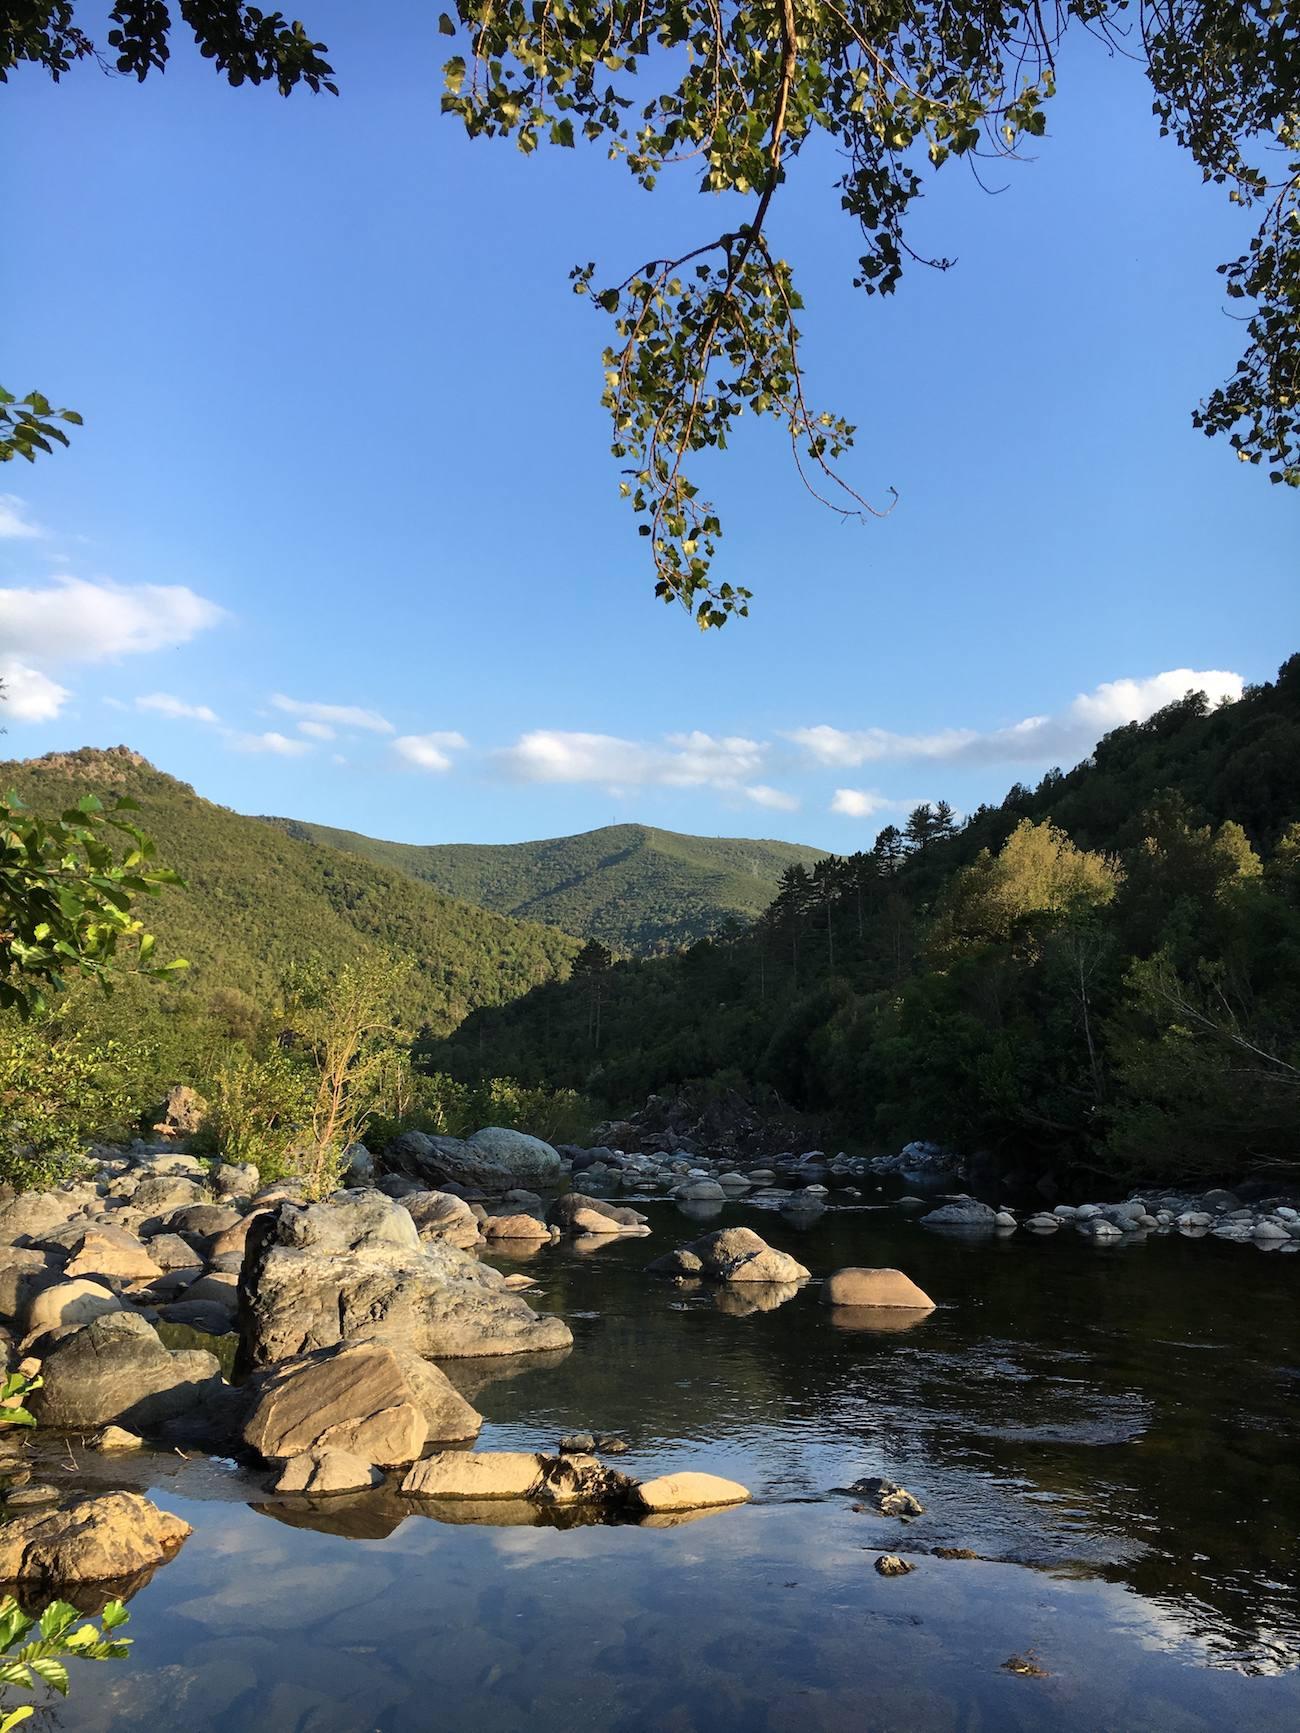 Corse - Road trip bonnes adresses - Blog Voyage nantes 31